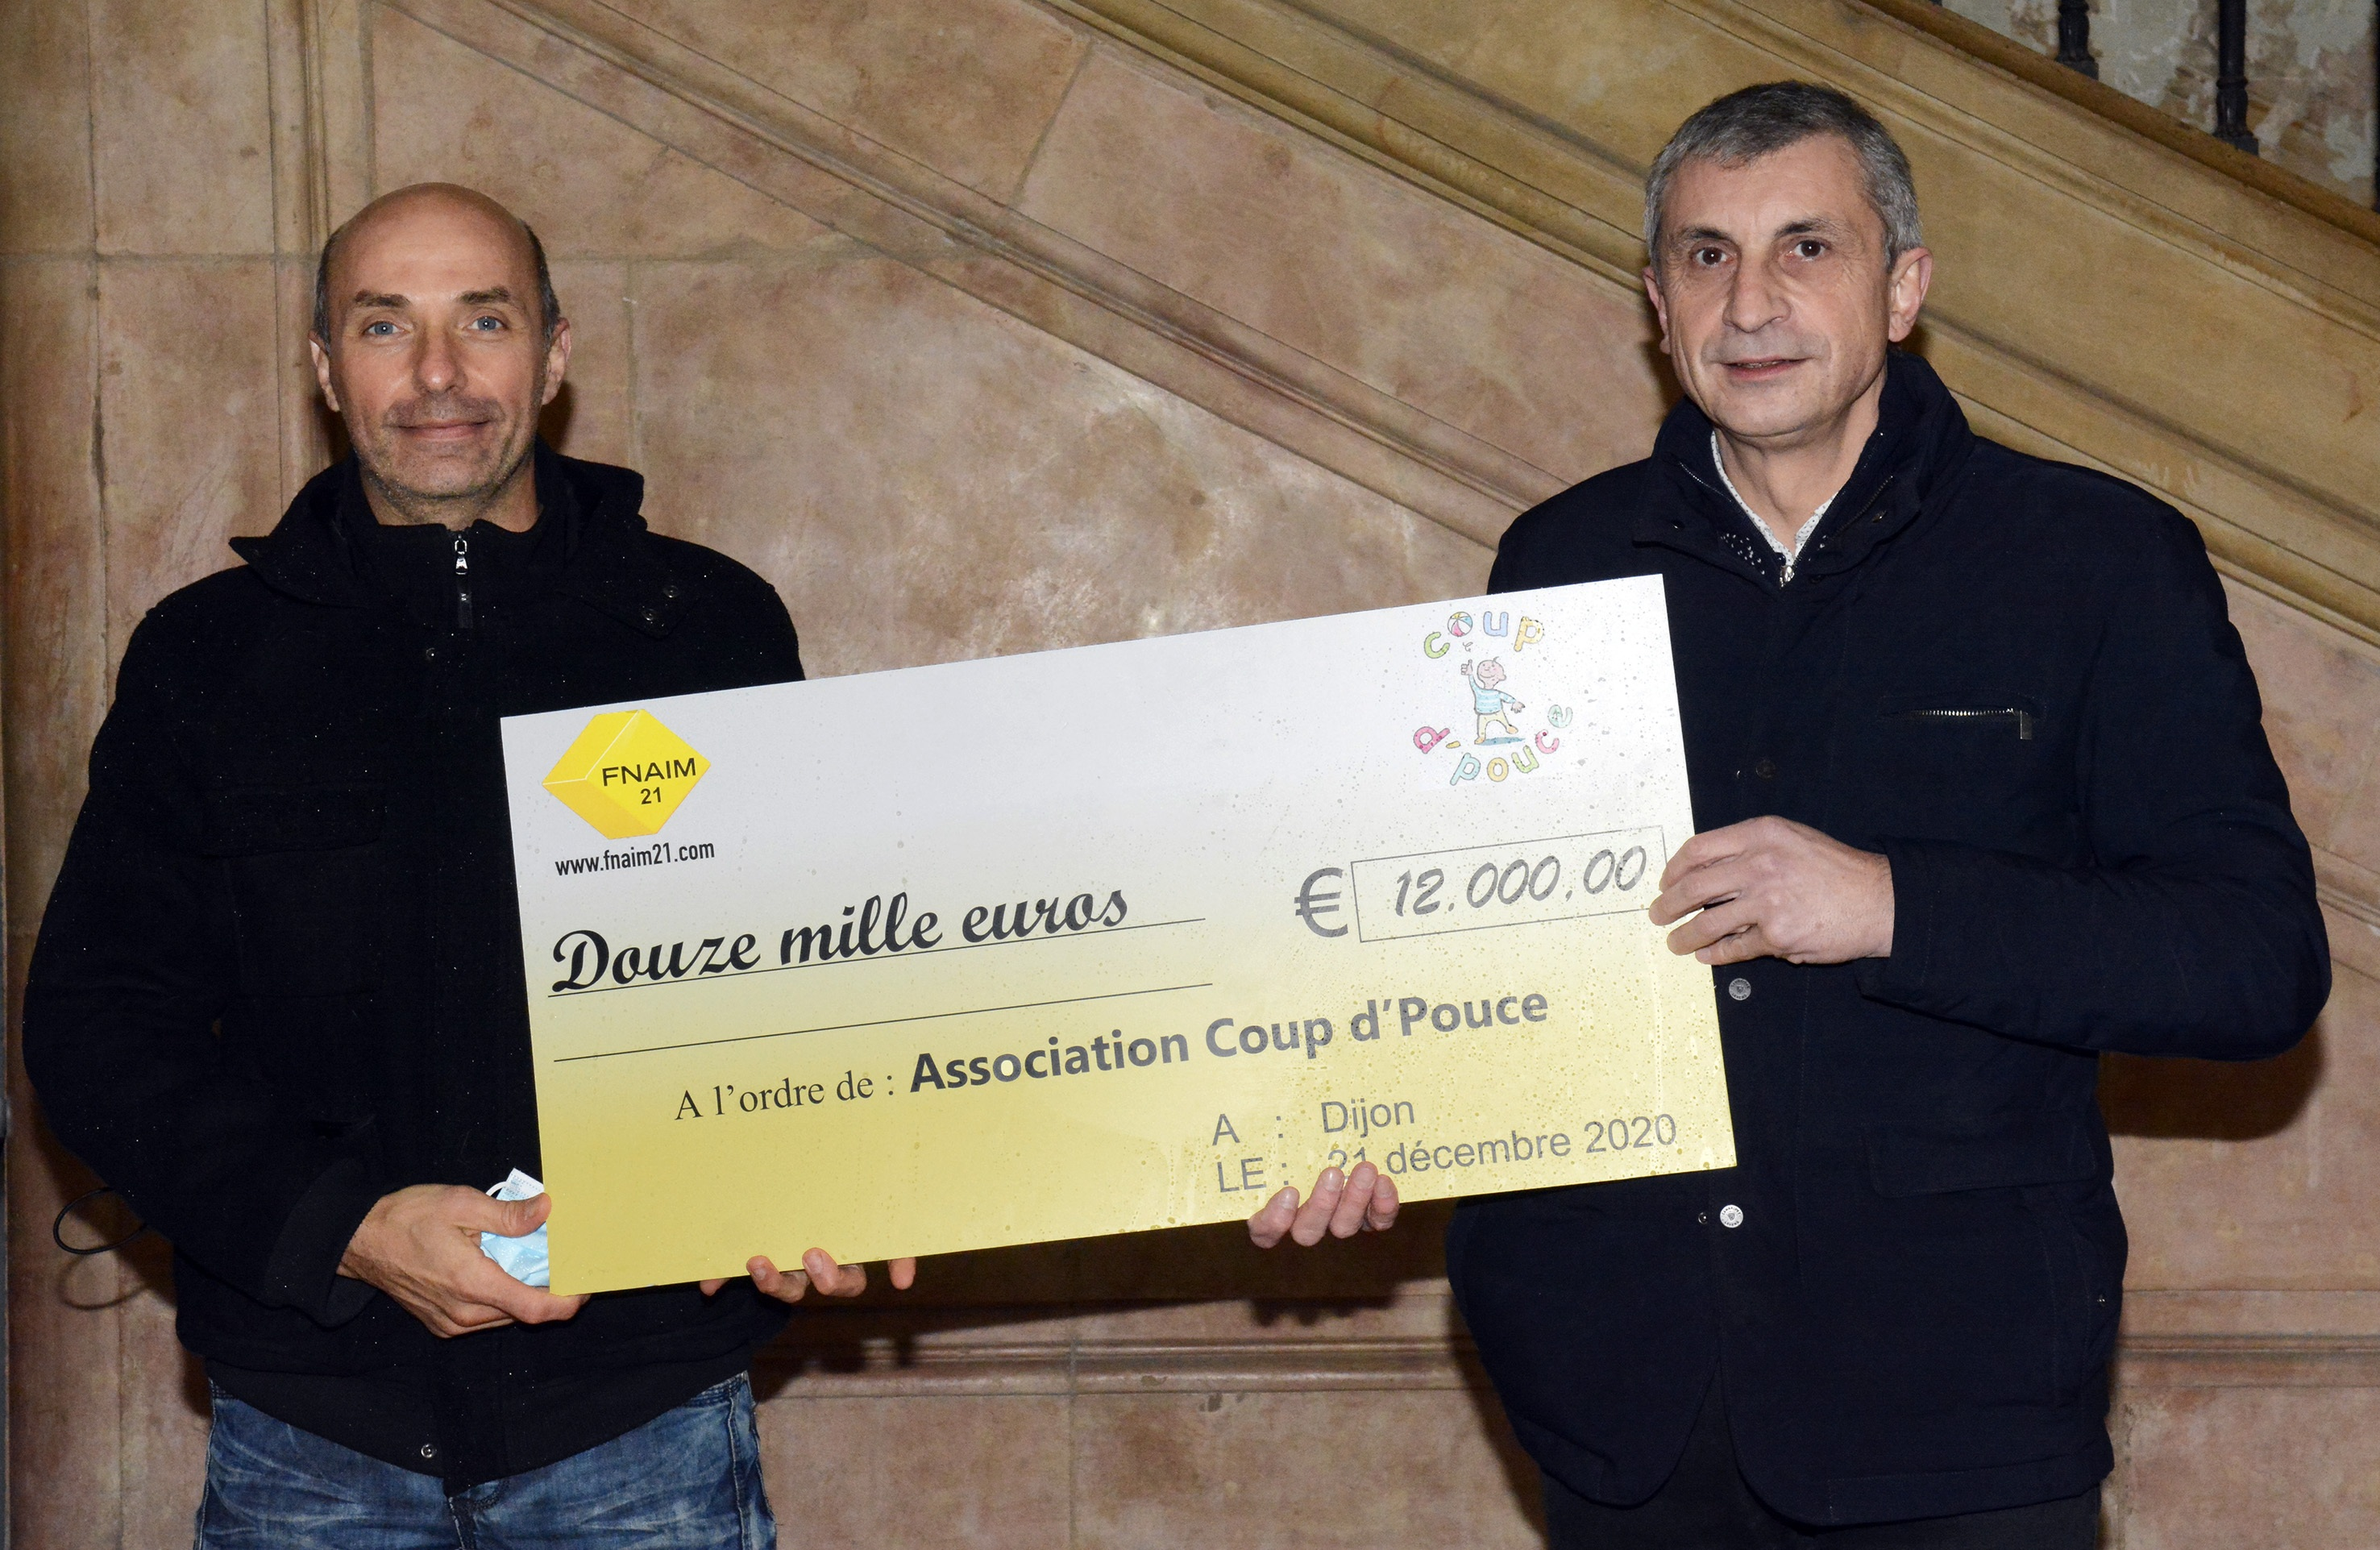 12 000 euros de dons : joli Coup d'Pouce de la FNAIM 21